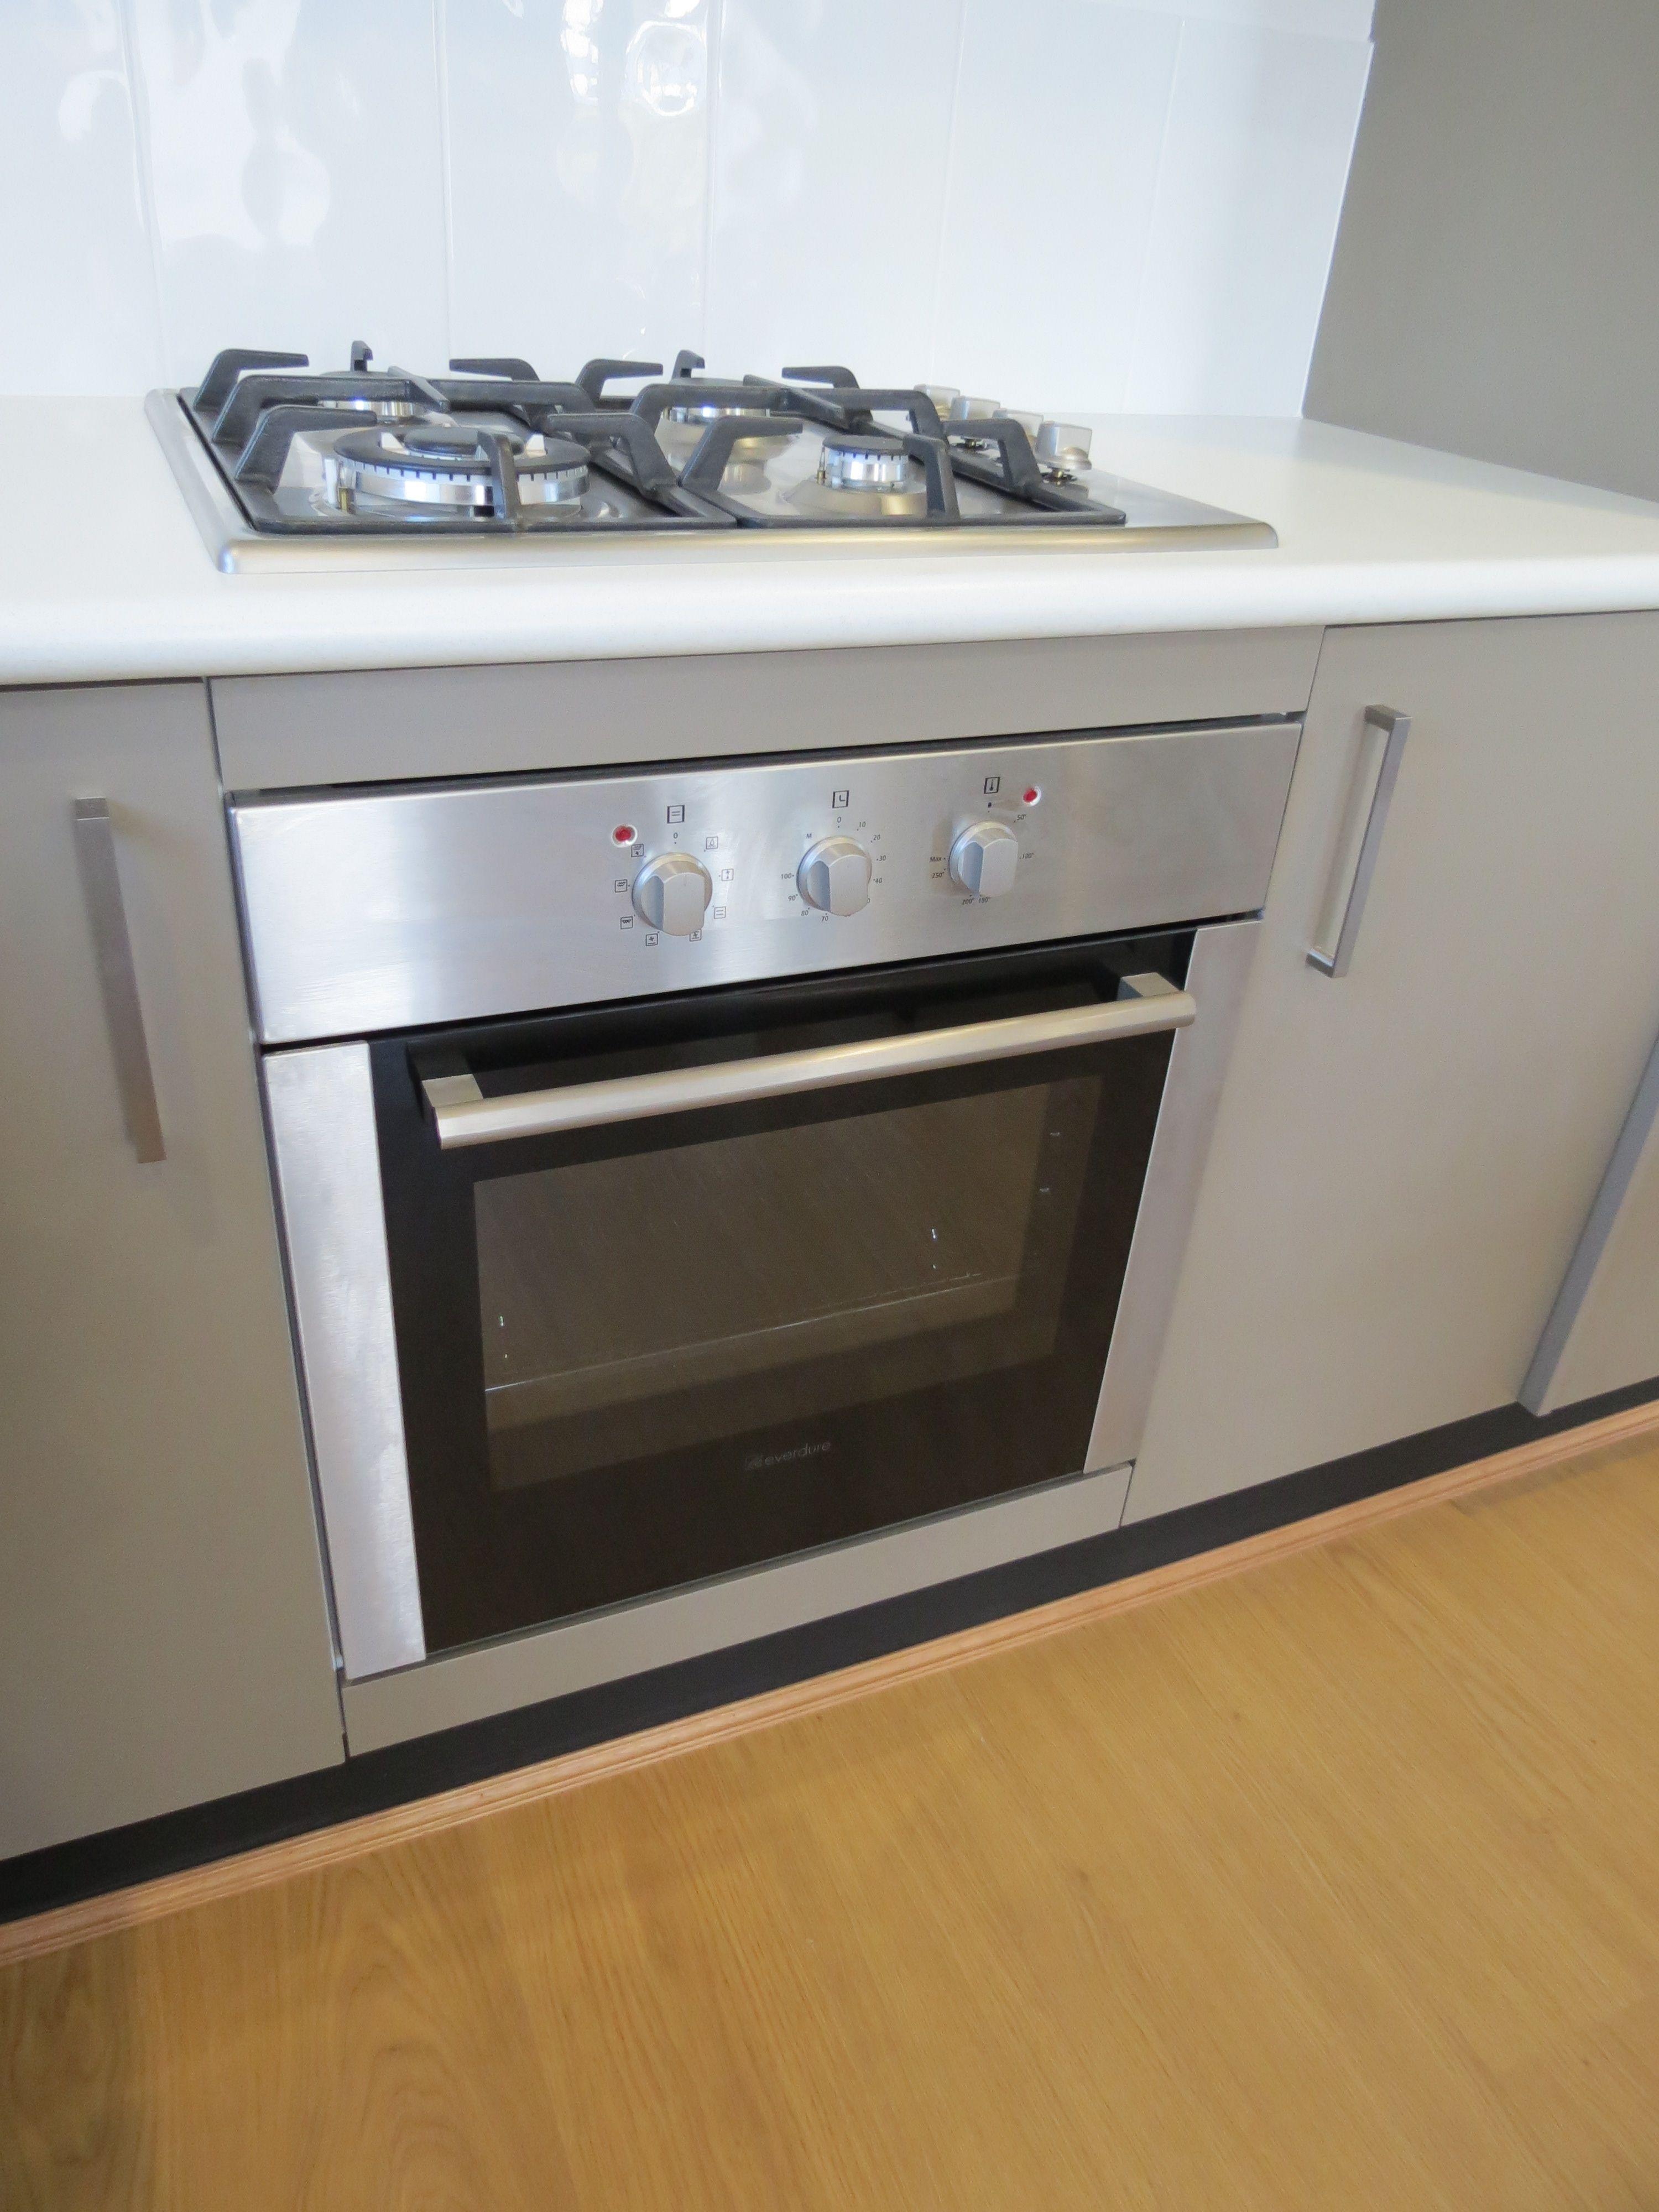 Pin de equipamiento hogar en cocina cocinas horno for Hornos de cocina electricos